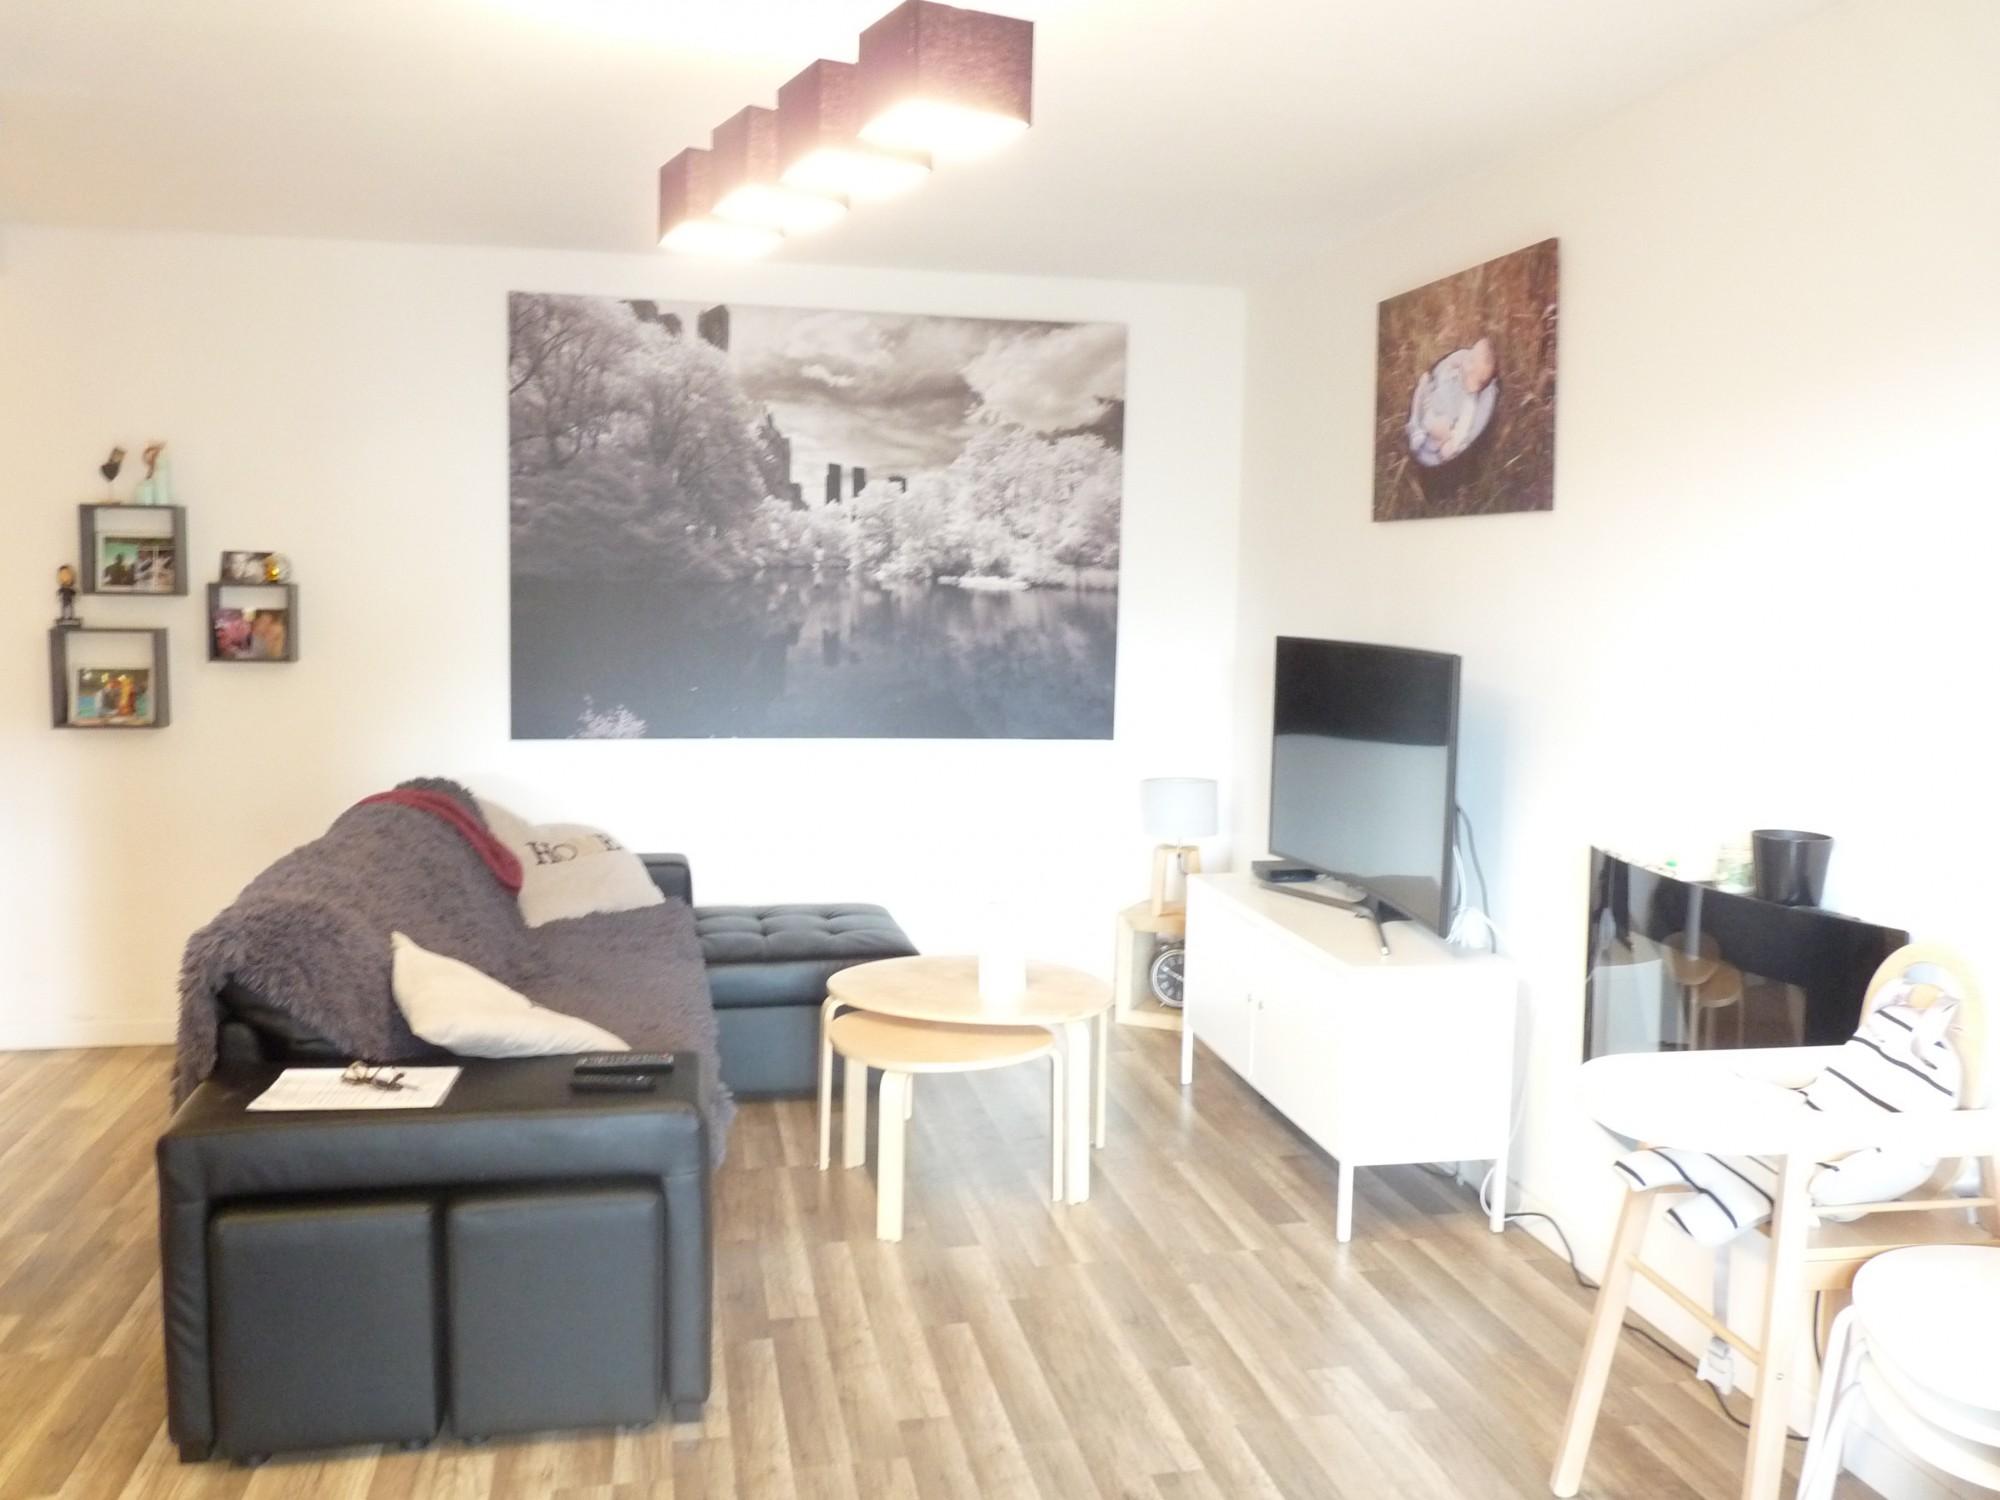 Location Appartement Moderne De 55 M2 Proche Commerces T2 SIX FOURS LES  PLAGES Centre Ville Climatisé Avec WIFI